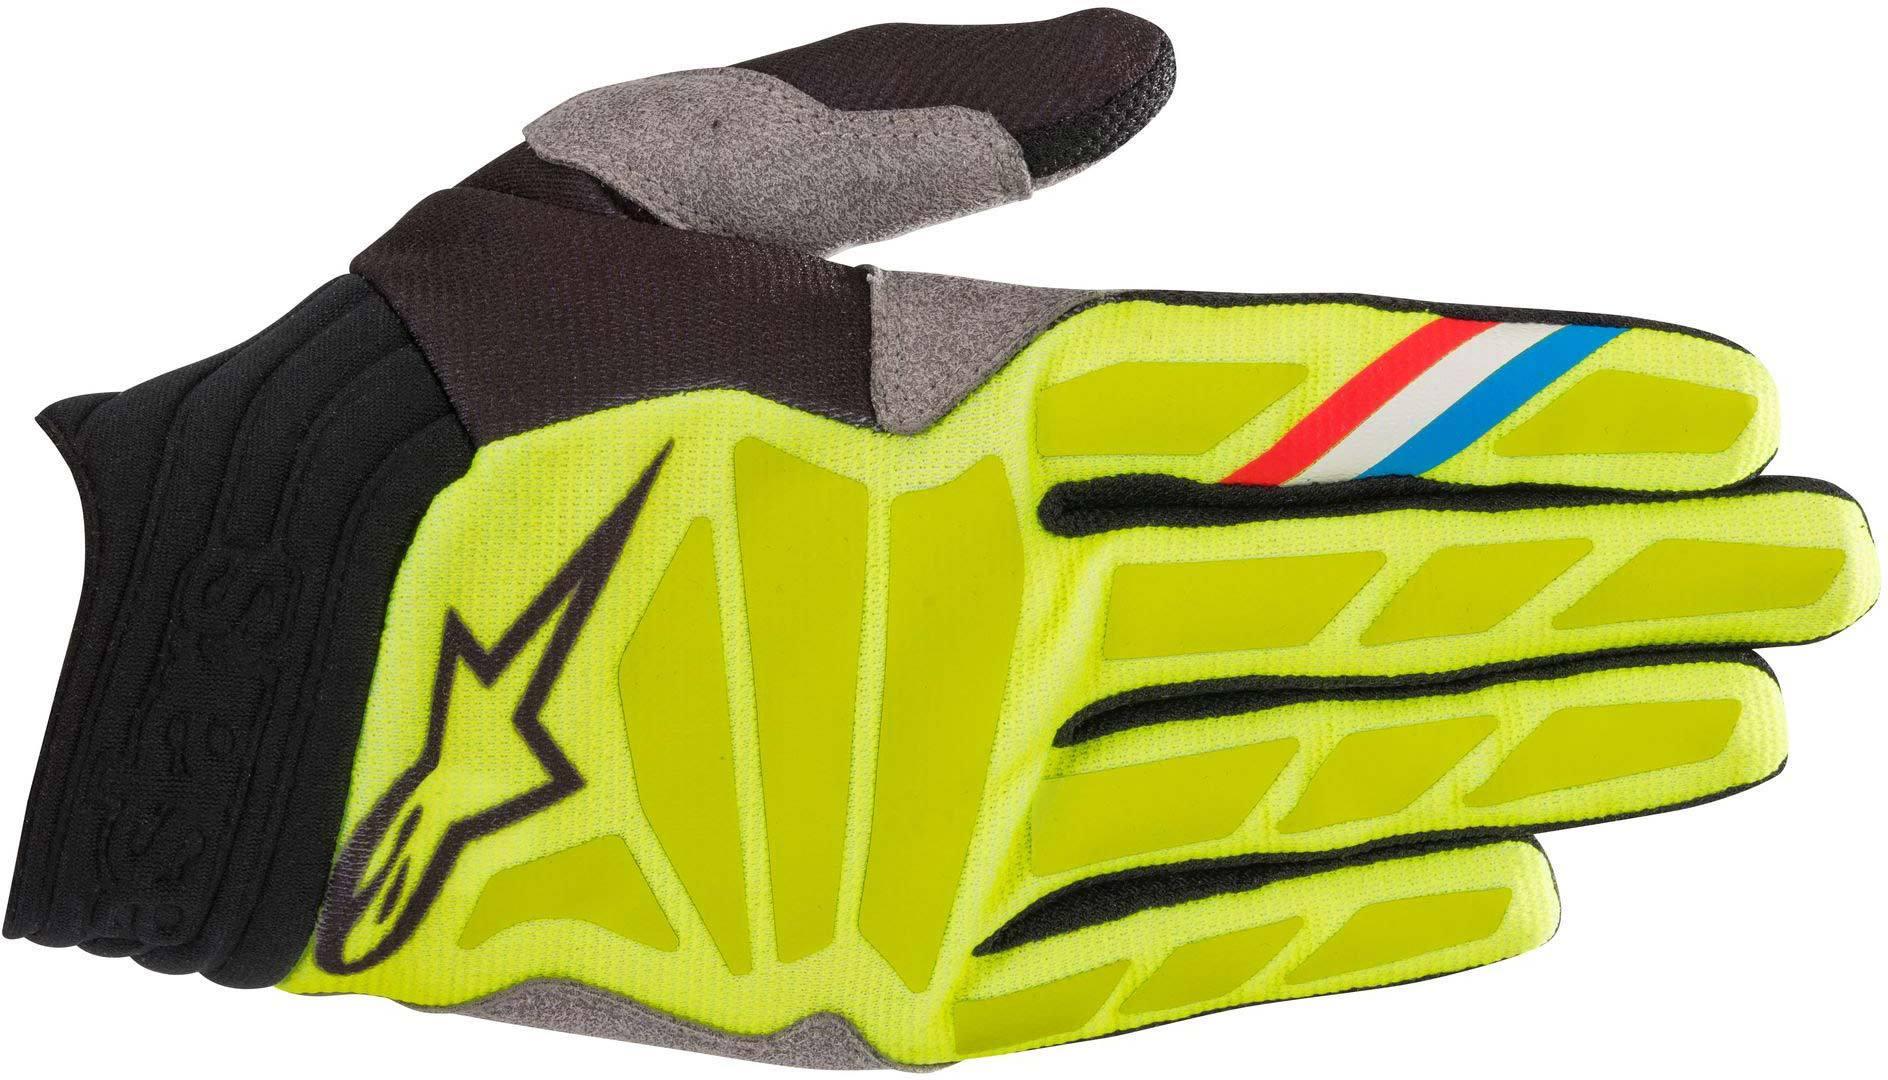 Alpinestars Aviator Motocross Gloves Yellow S